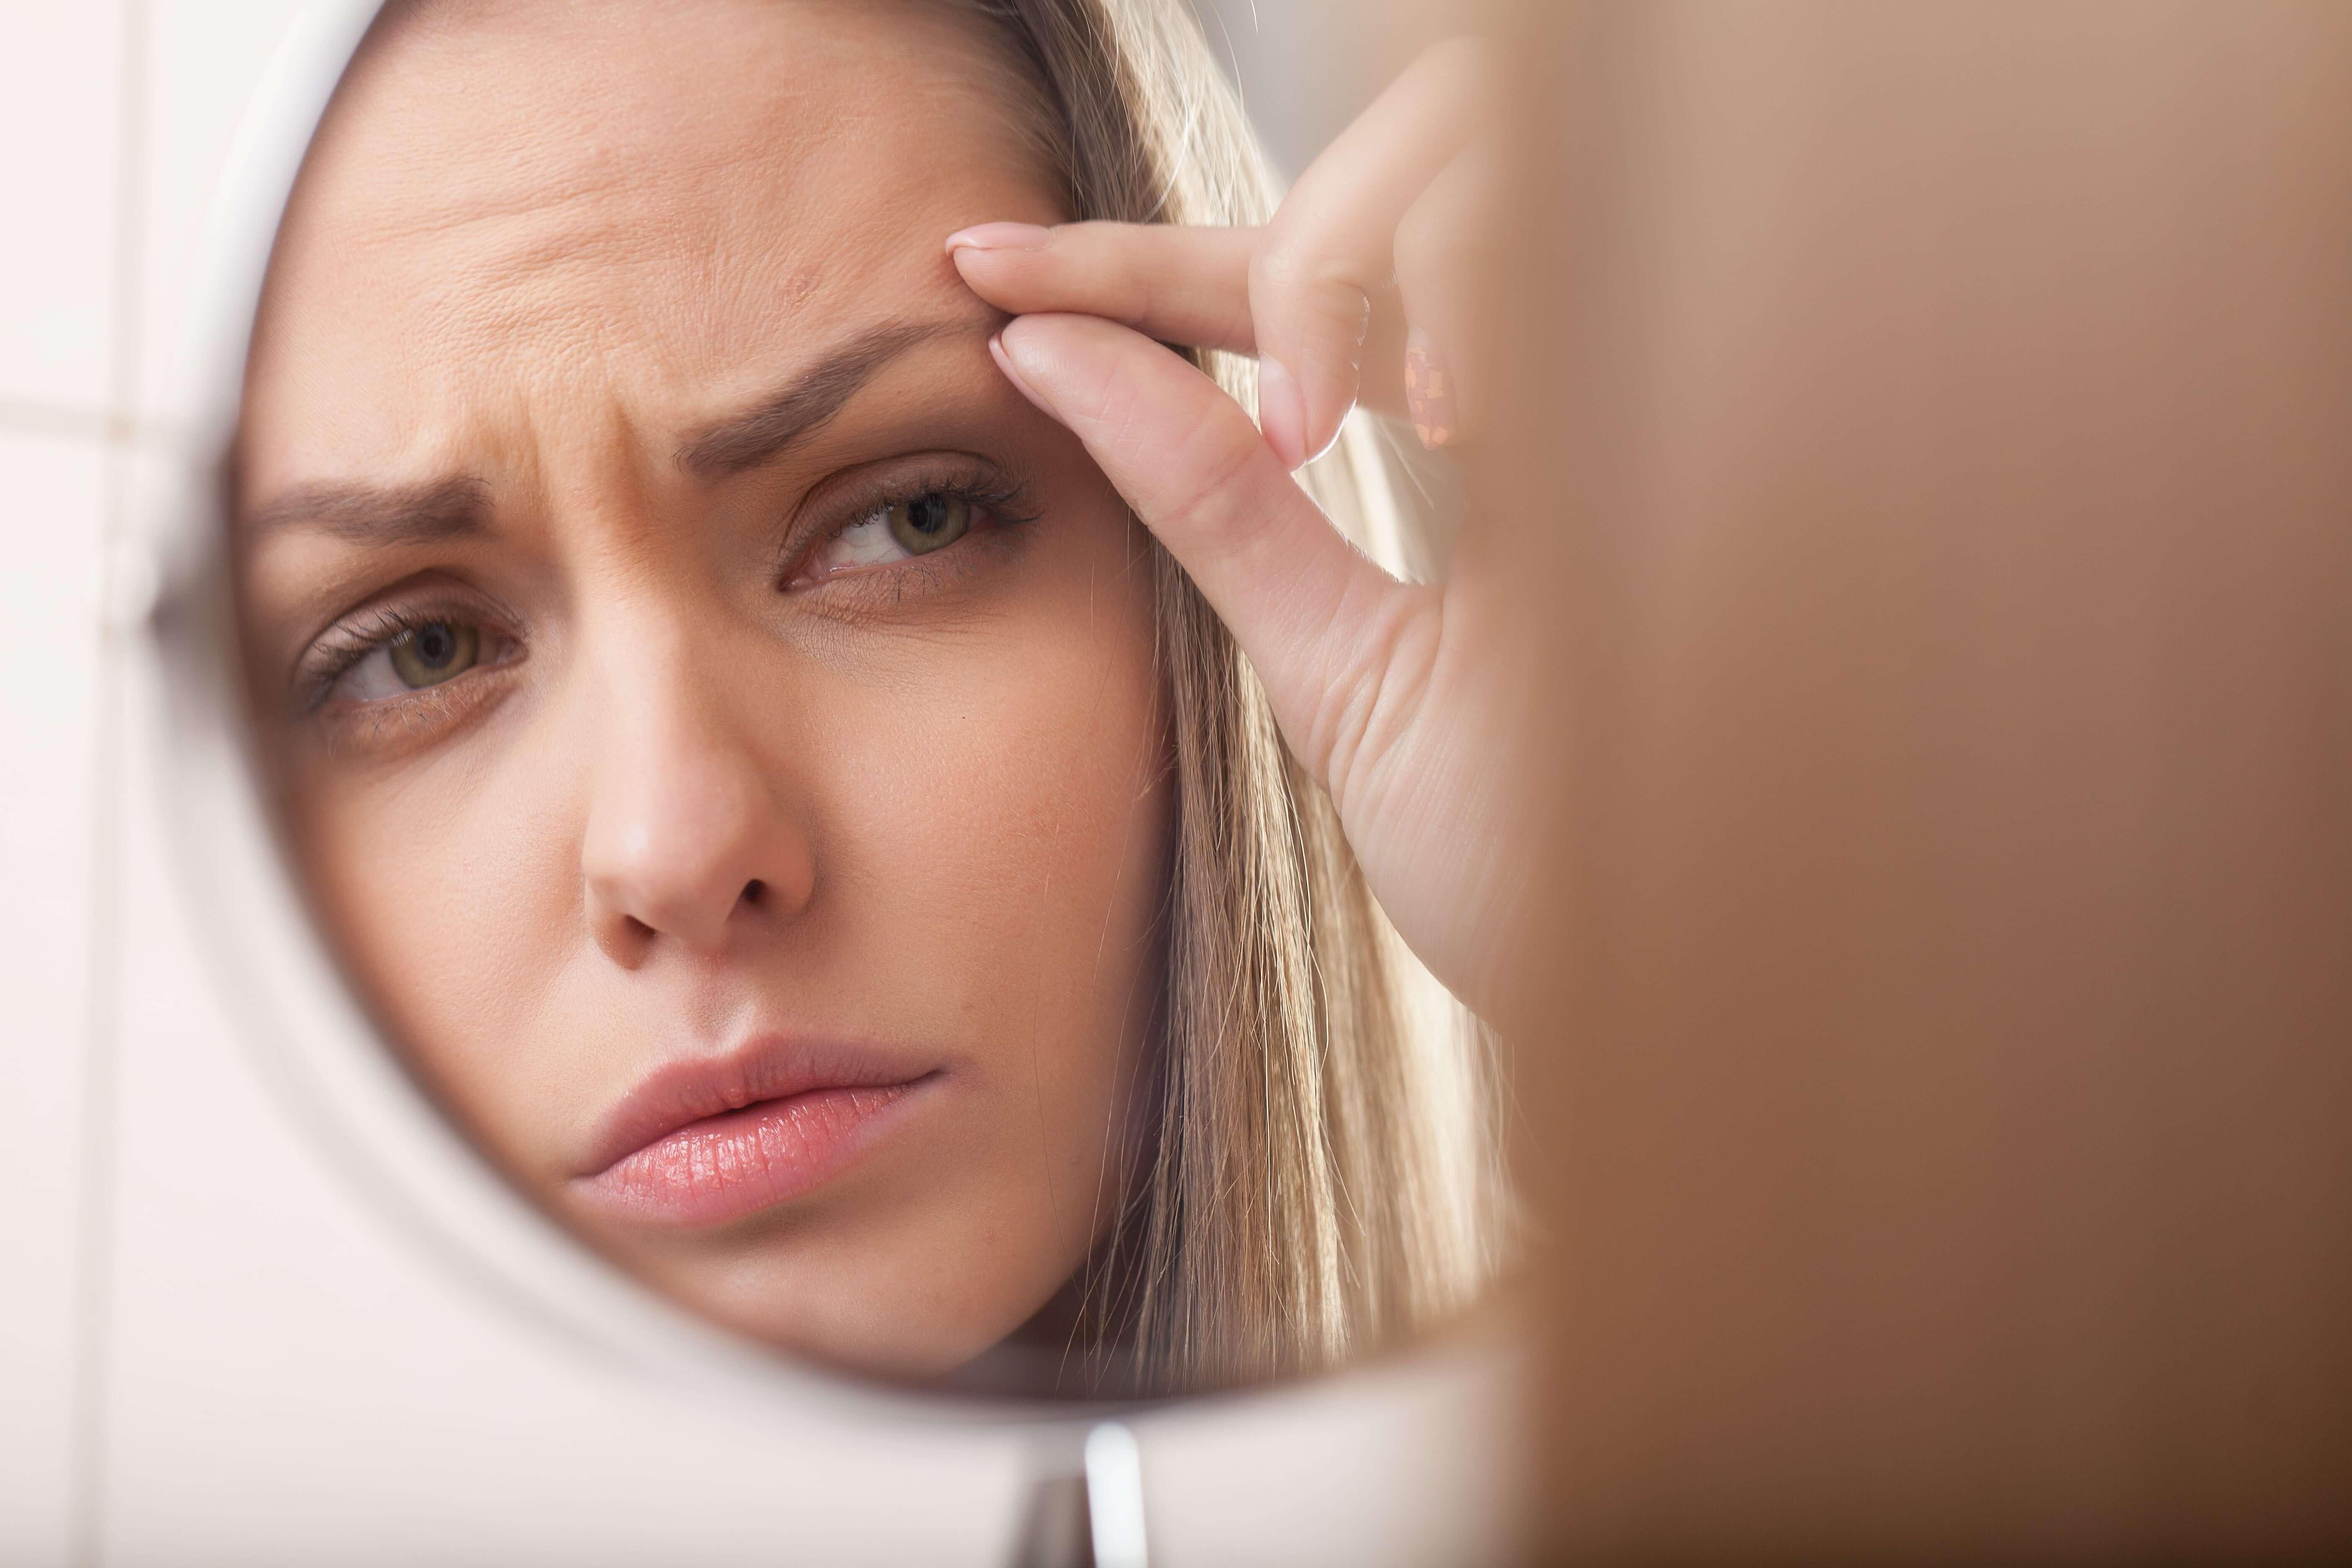 Симптомы, причины и лечение синдрома дисморфофобии